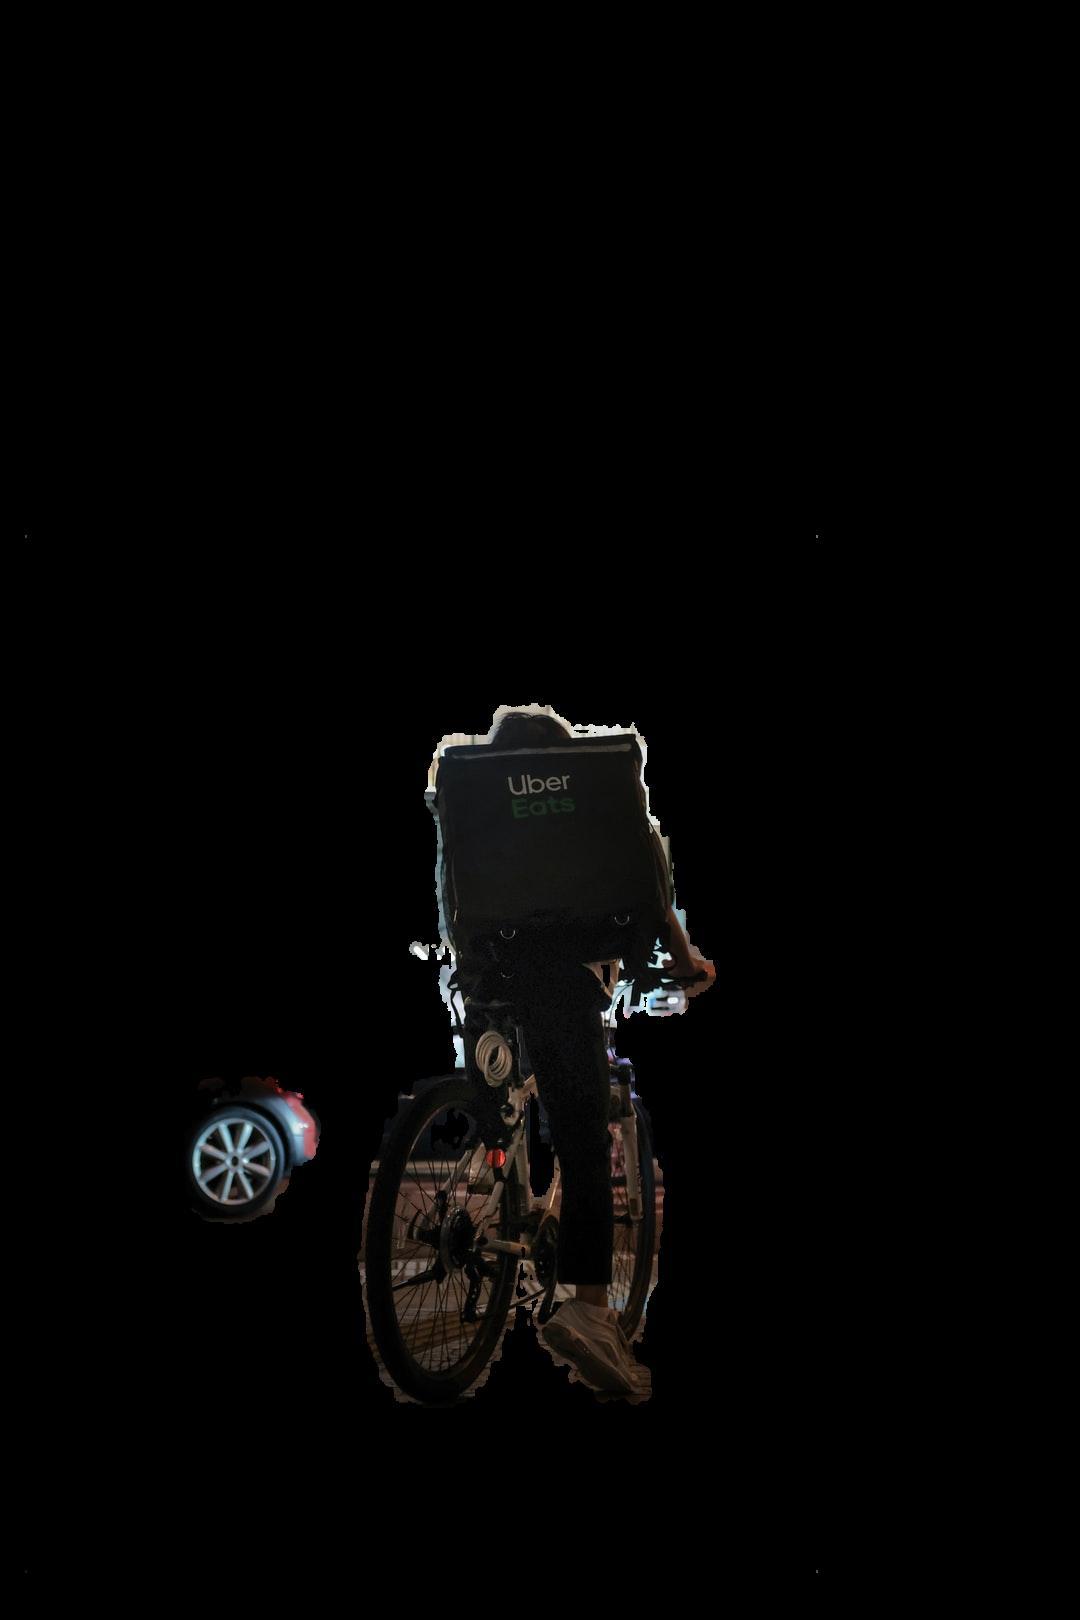 black bicycle parked beside black car